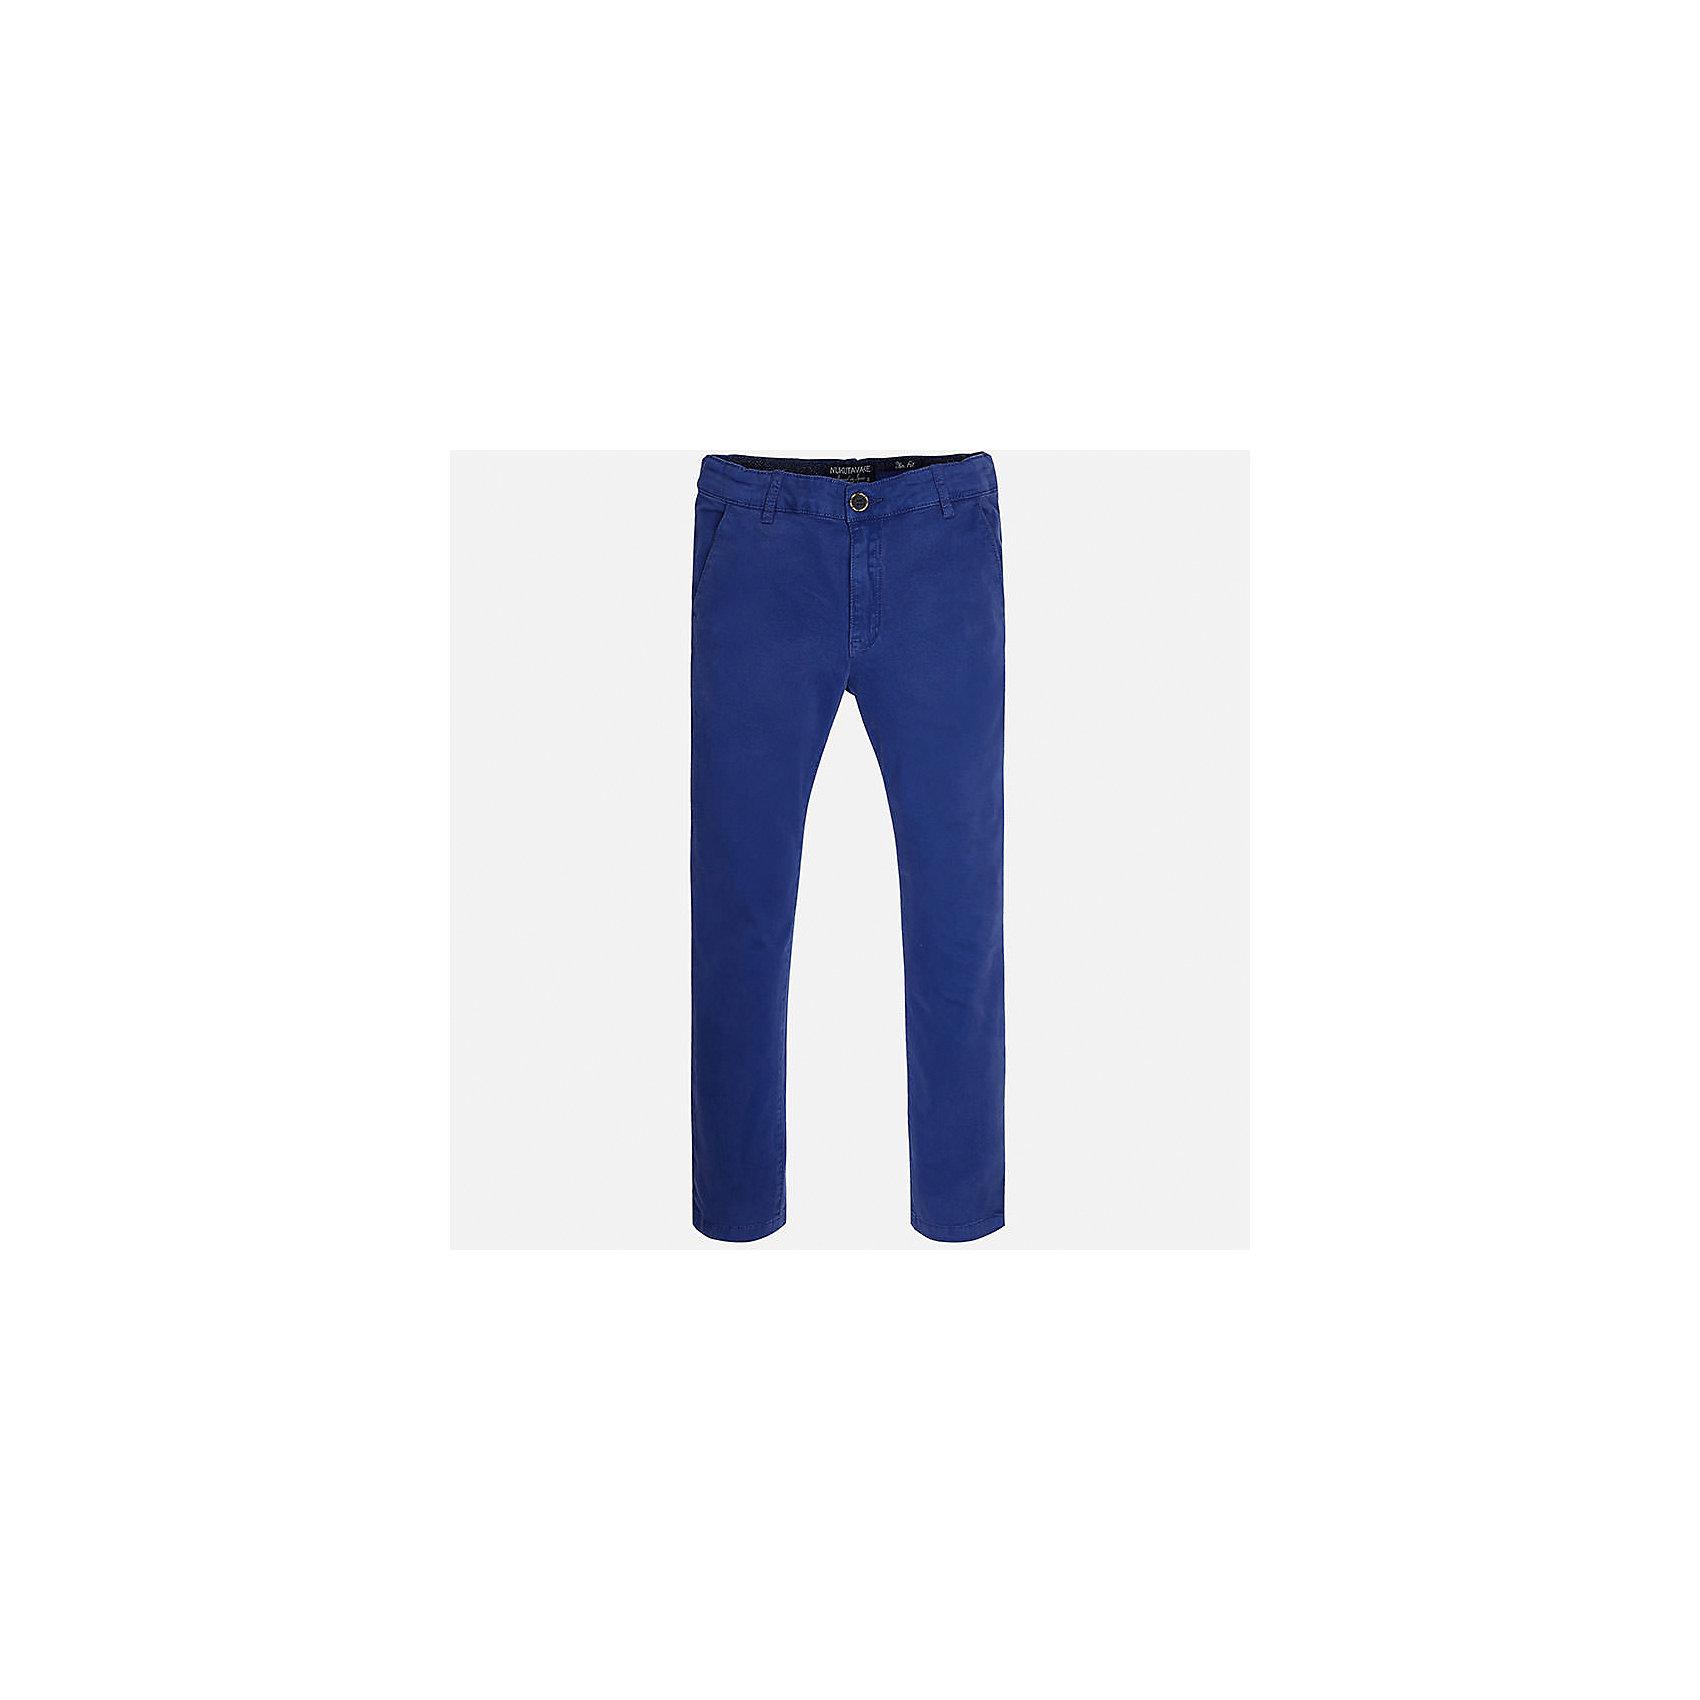 Брюки для мальчика MayoralБрюки<br>Характеристики товара:<br><br>• цвет: синий<br>• состав: 97% хлопок, 3% эластан<br>• застежка: пуговица<br>• шлевки<br>• карманы<br>• пояс с регулировкой размера<br>• классический силуэт<br>• страна бренда: Испания<br><br>Стильные и удобные брюки для мальчика смогут стать базовой вещью в гардеробе ребенка. Они отлично сочетаются с майками, футболками, рубашками и т.д. Универсальный крой и цвет позволяет подобрать к вещи верх разных расцветок. Практичное и стильное изделие! В составе материала - натуральный хлопок, гипоаллергенный, приятный на ощупь, дышащий.<br><br>Одежда, обувь и аксессуары от испанского бренда Mayoral полюбились детям и взрослым по всему миру. Модели этой марки - стильные и удобные. Для их производства используются только безопасные, качественные материалы и фурнитура. Порадуйте ребенка модными и красивыми вещами от Mayoral! <br><br>Брюки для мальчика от испанского бренда Mayoral (Майорал) можно купить в нашем интернет-магазине.<br><br>Ширина мм: 215<br>Глубина мм: 88<br>Высота мм: 191<br>Вес г: 336<br>Цвет: синий<br>Возраст от месяцев: 84<br>Возраст до месяцев: 96<br>Пол: Мужской<br>Возраст: Детский<br>Размер: 128/134,152,158,164,170,140<br>SKU: 5278134